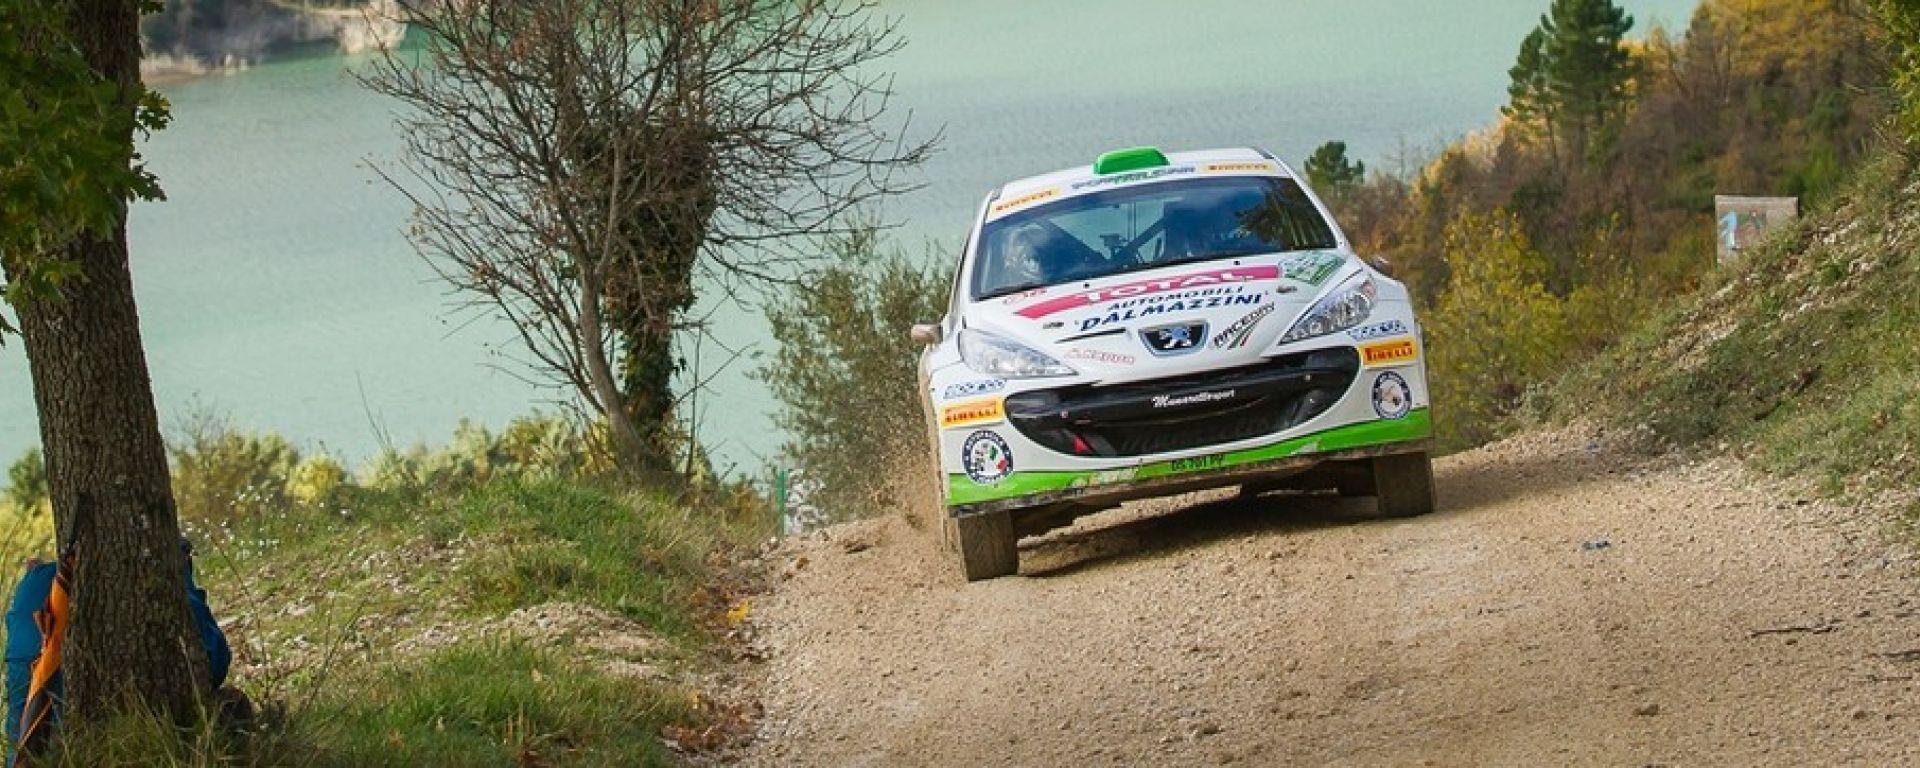 Peugeot chiama i clienti rallisti per il Competition Raceday